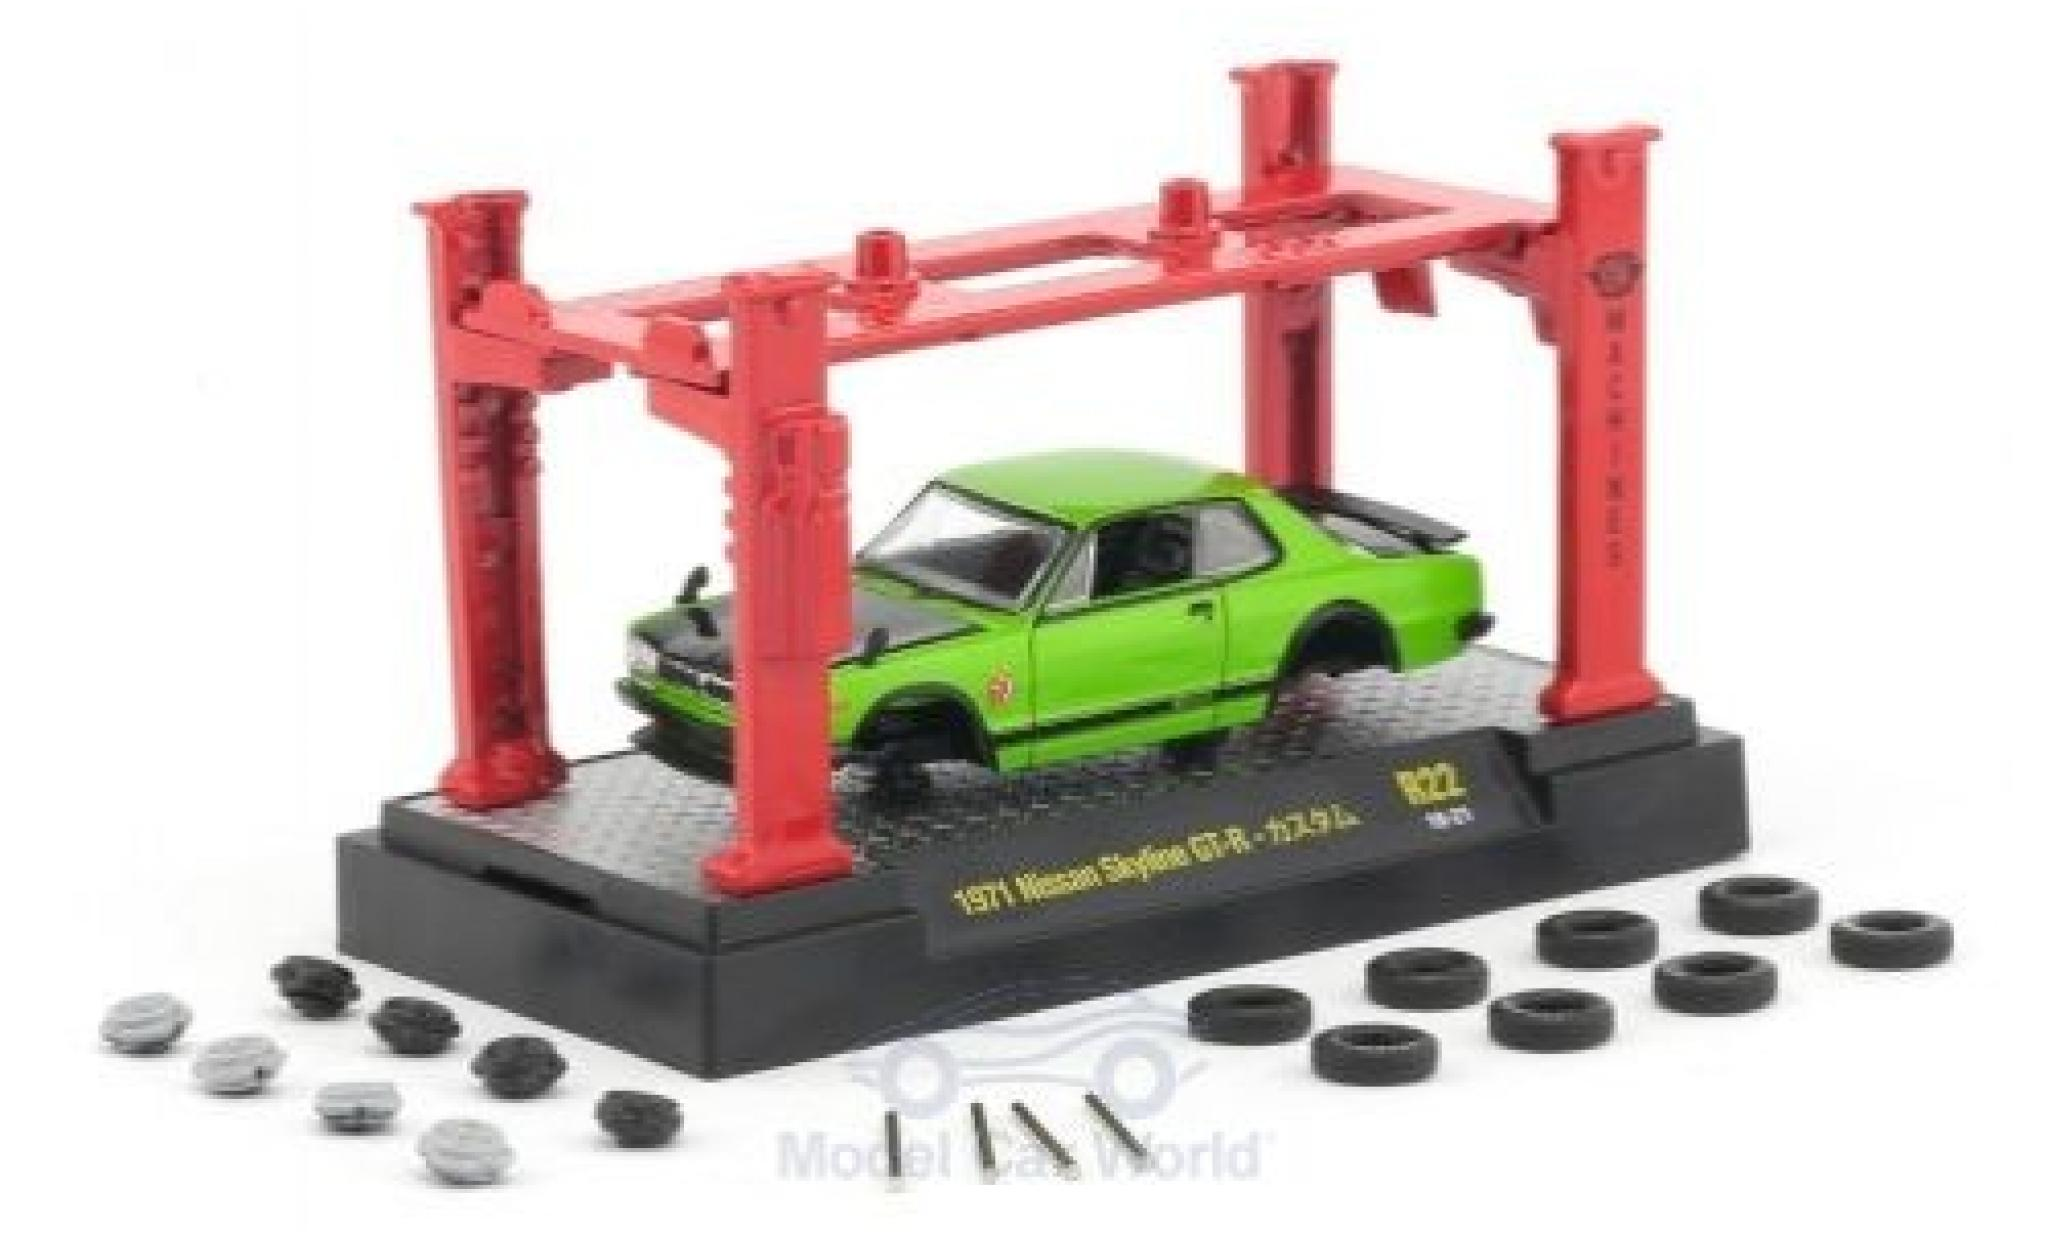 Nissan Skyline 1/64 M2 Machines GT-R green/black 1971 Model-Kit Bausatz inklusive 4 Ersatzrädern